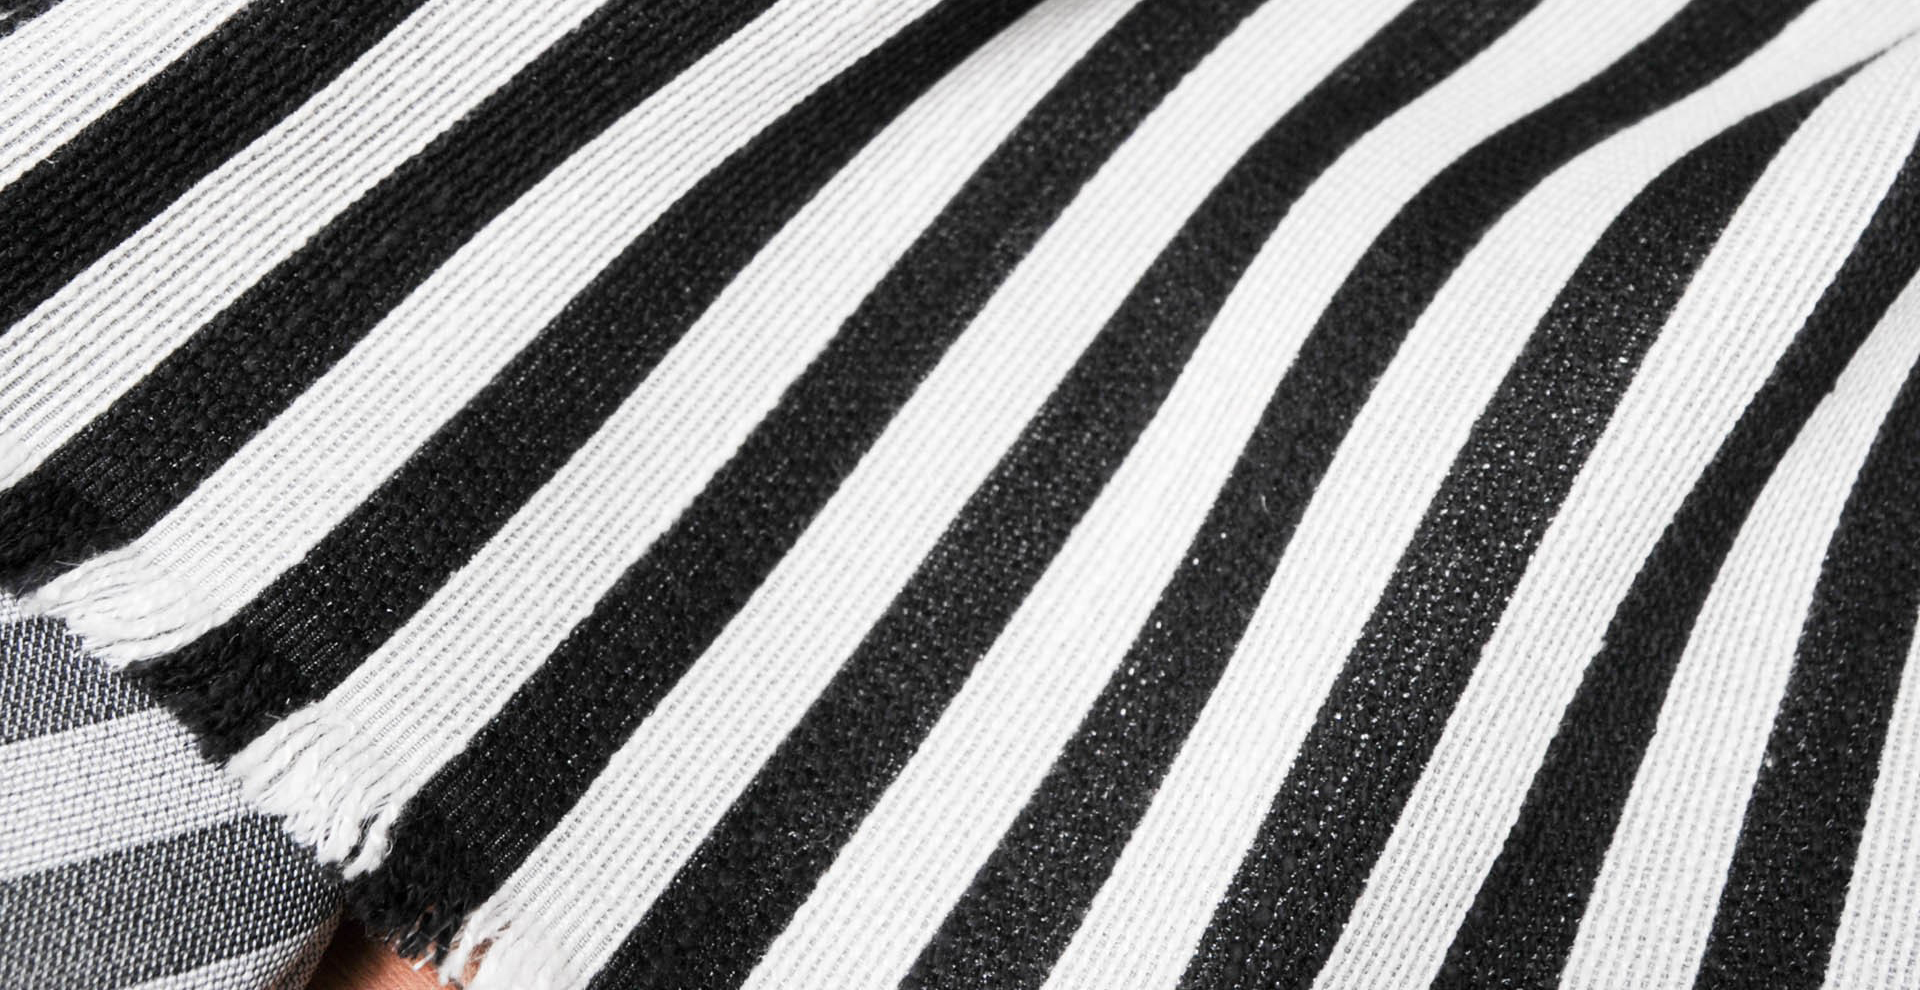 tissu-au-metre-coton-raye-noir-blanc-cotele-en-145-cm-n-747